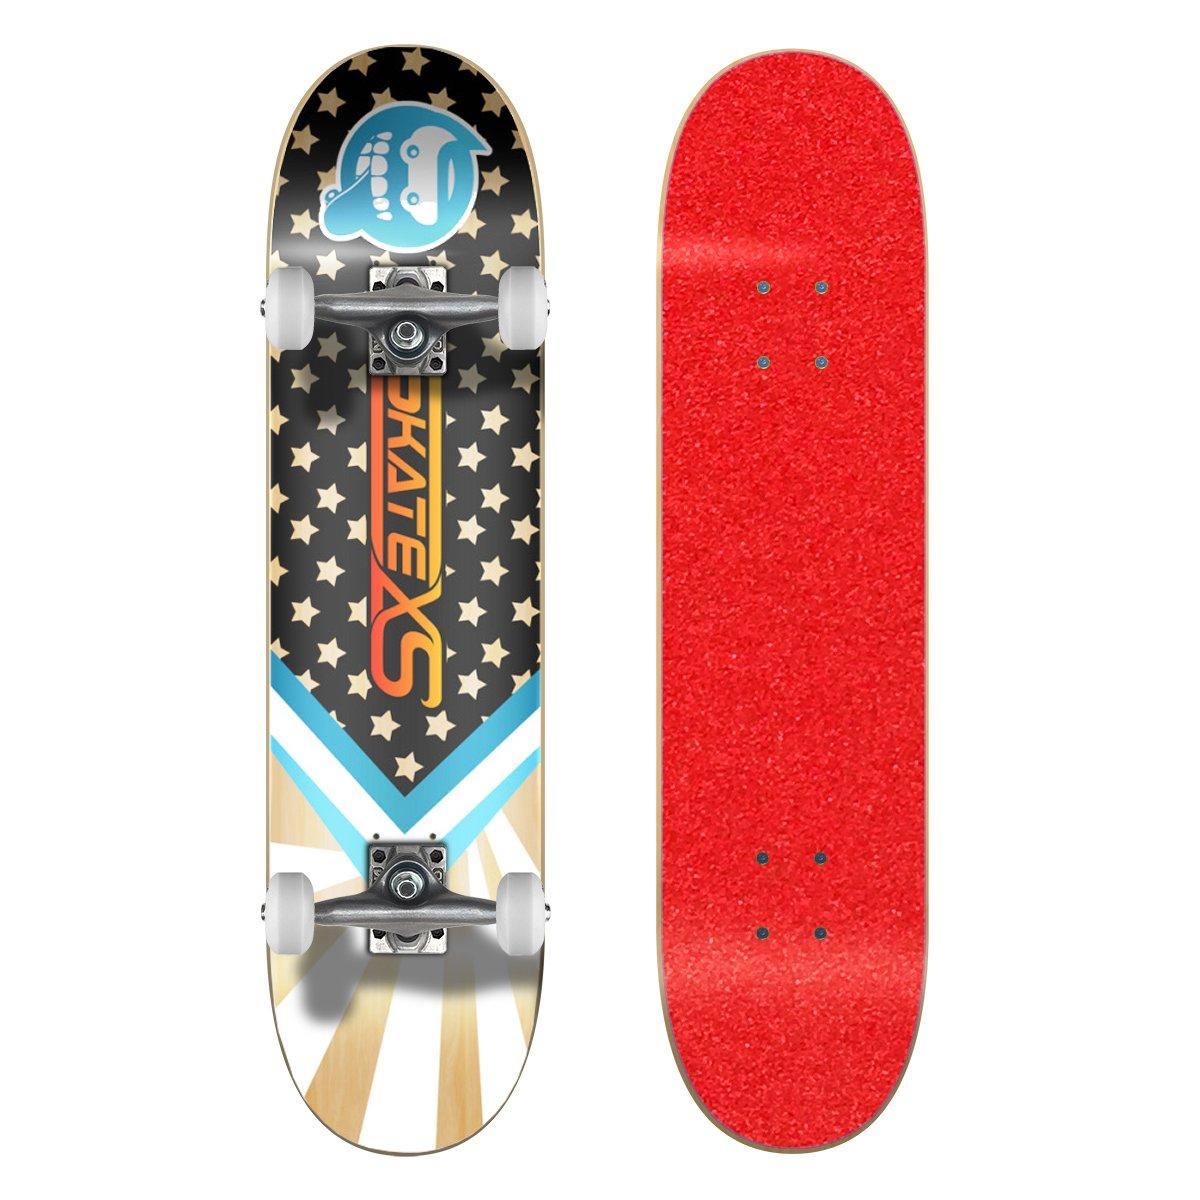 最大80%オフ! SkateXS 初心者 x Wheels スターボード (Ages ストリート スケートボード B01N1OF5LV 7.0 x 28 (Ages 5-7)|Red Grip Tape/ White Wheels Red Grip Tape/ White Wheels 7.0 x 28 (Ages 5-7), Blue in Green:84467672 --- a0267596.xsph.ru